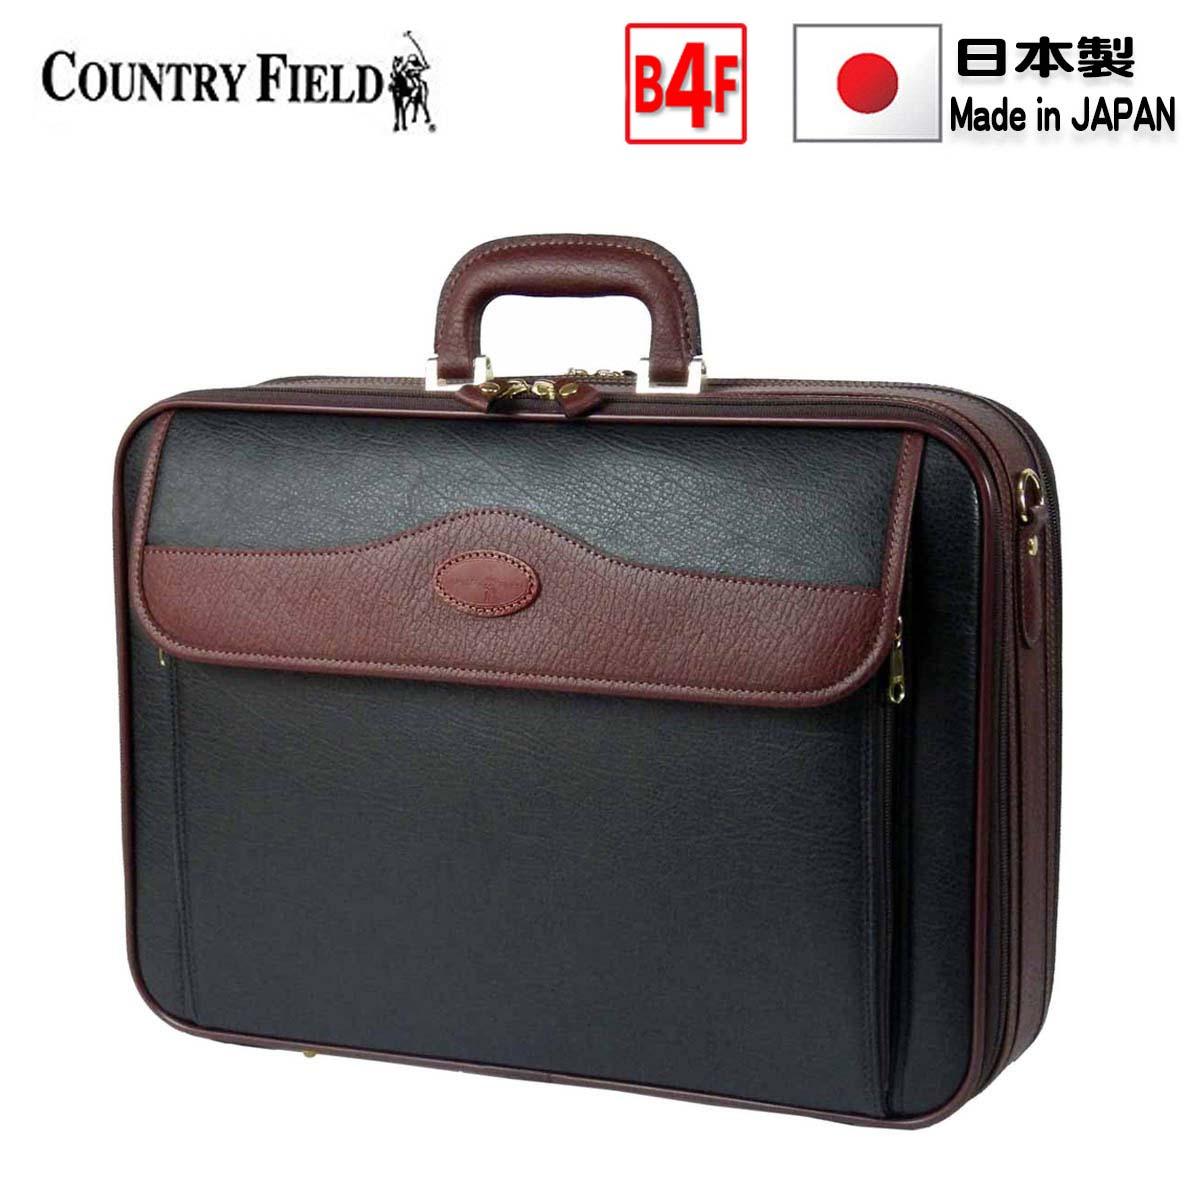 アタッシュケース COUNTRY FIELD カントリーフィールド ビジネスバッグ No:6335 A4 B4 ファイル 対応 ショルダー付き 2Way グリーン おしゃれ 日本製 薄い 通勤 通学 就活